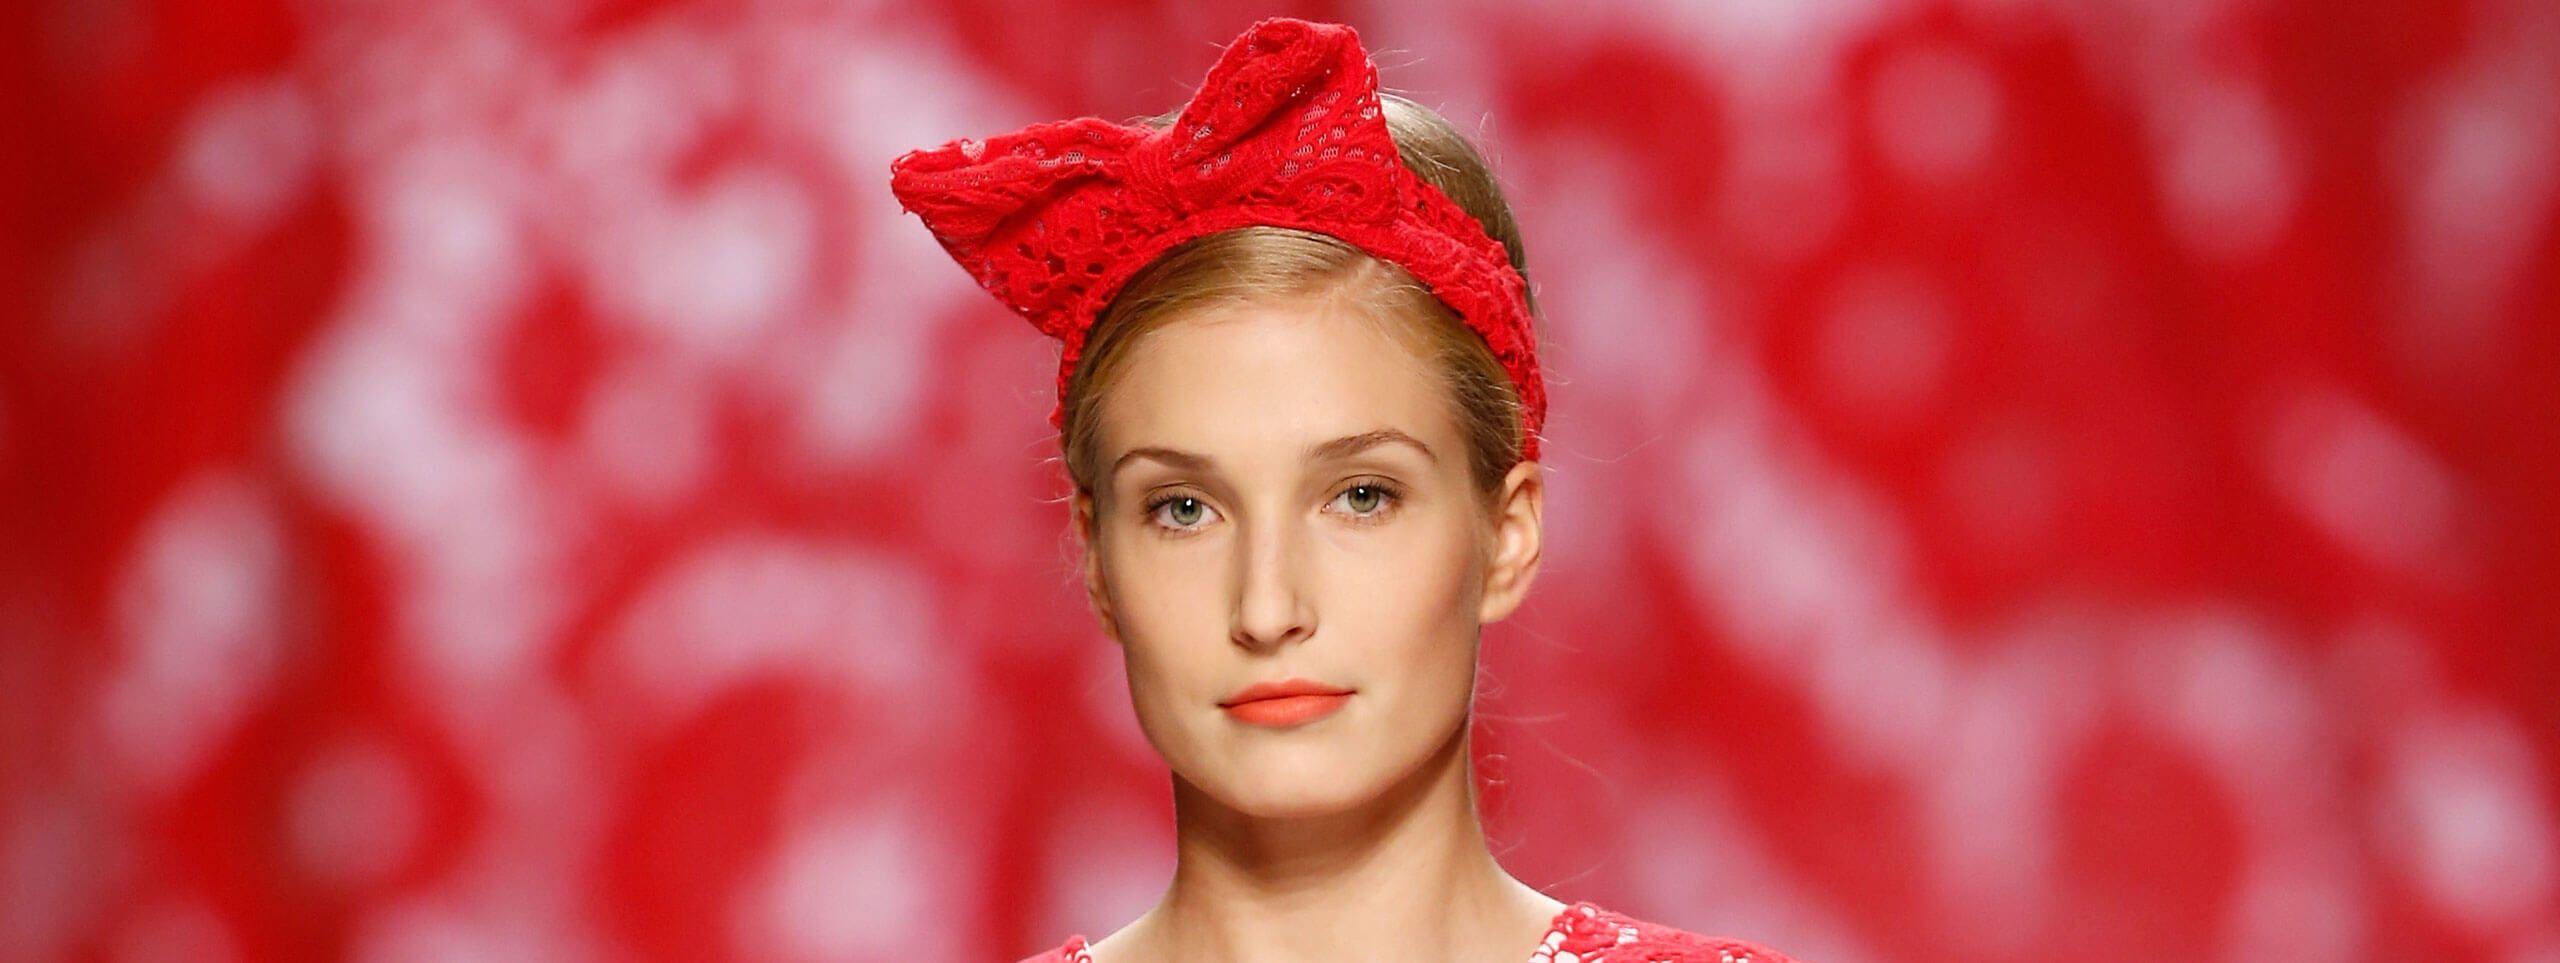 Modelka z czerwoną opaską z kokardą